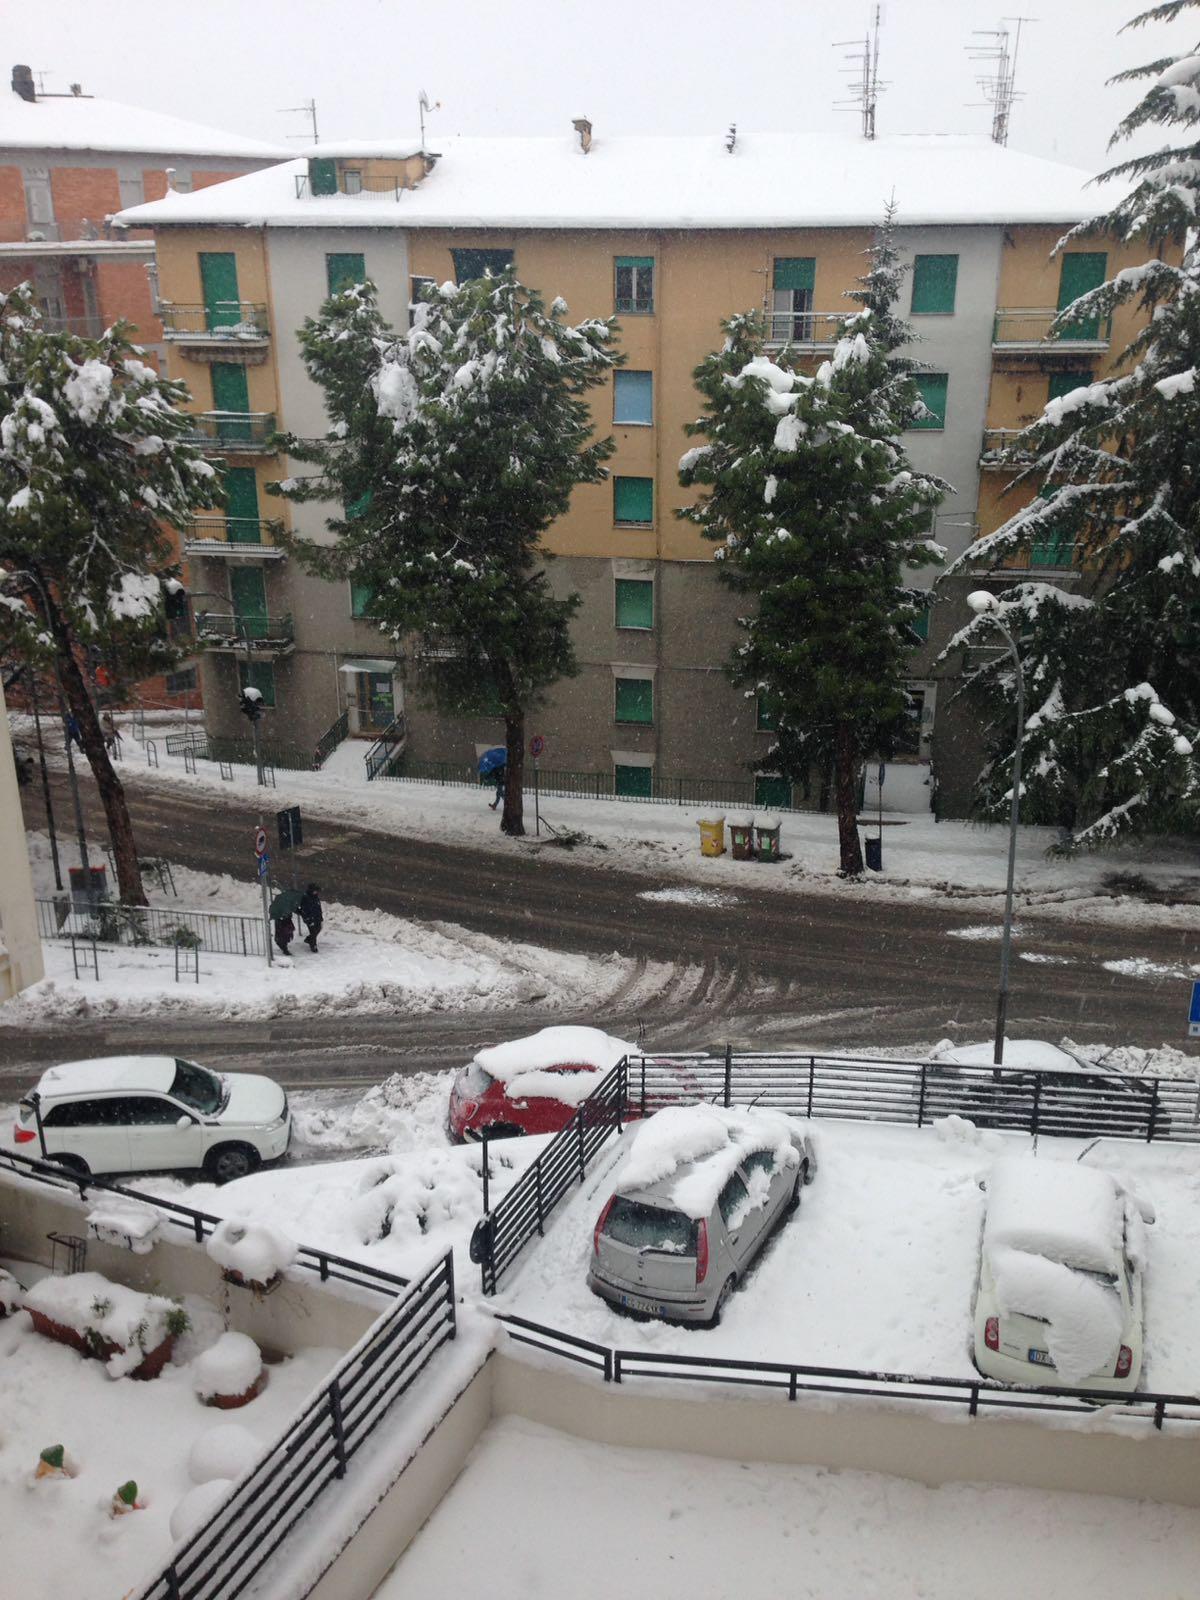 Situazione neve Macerata